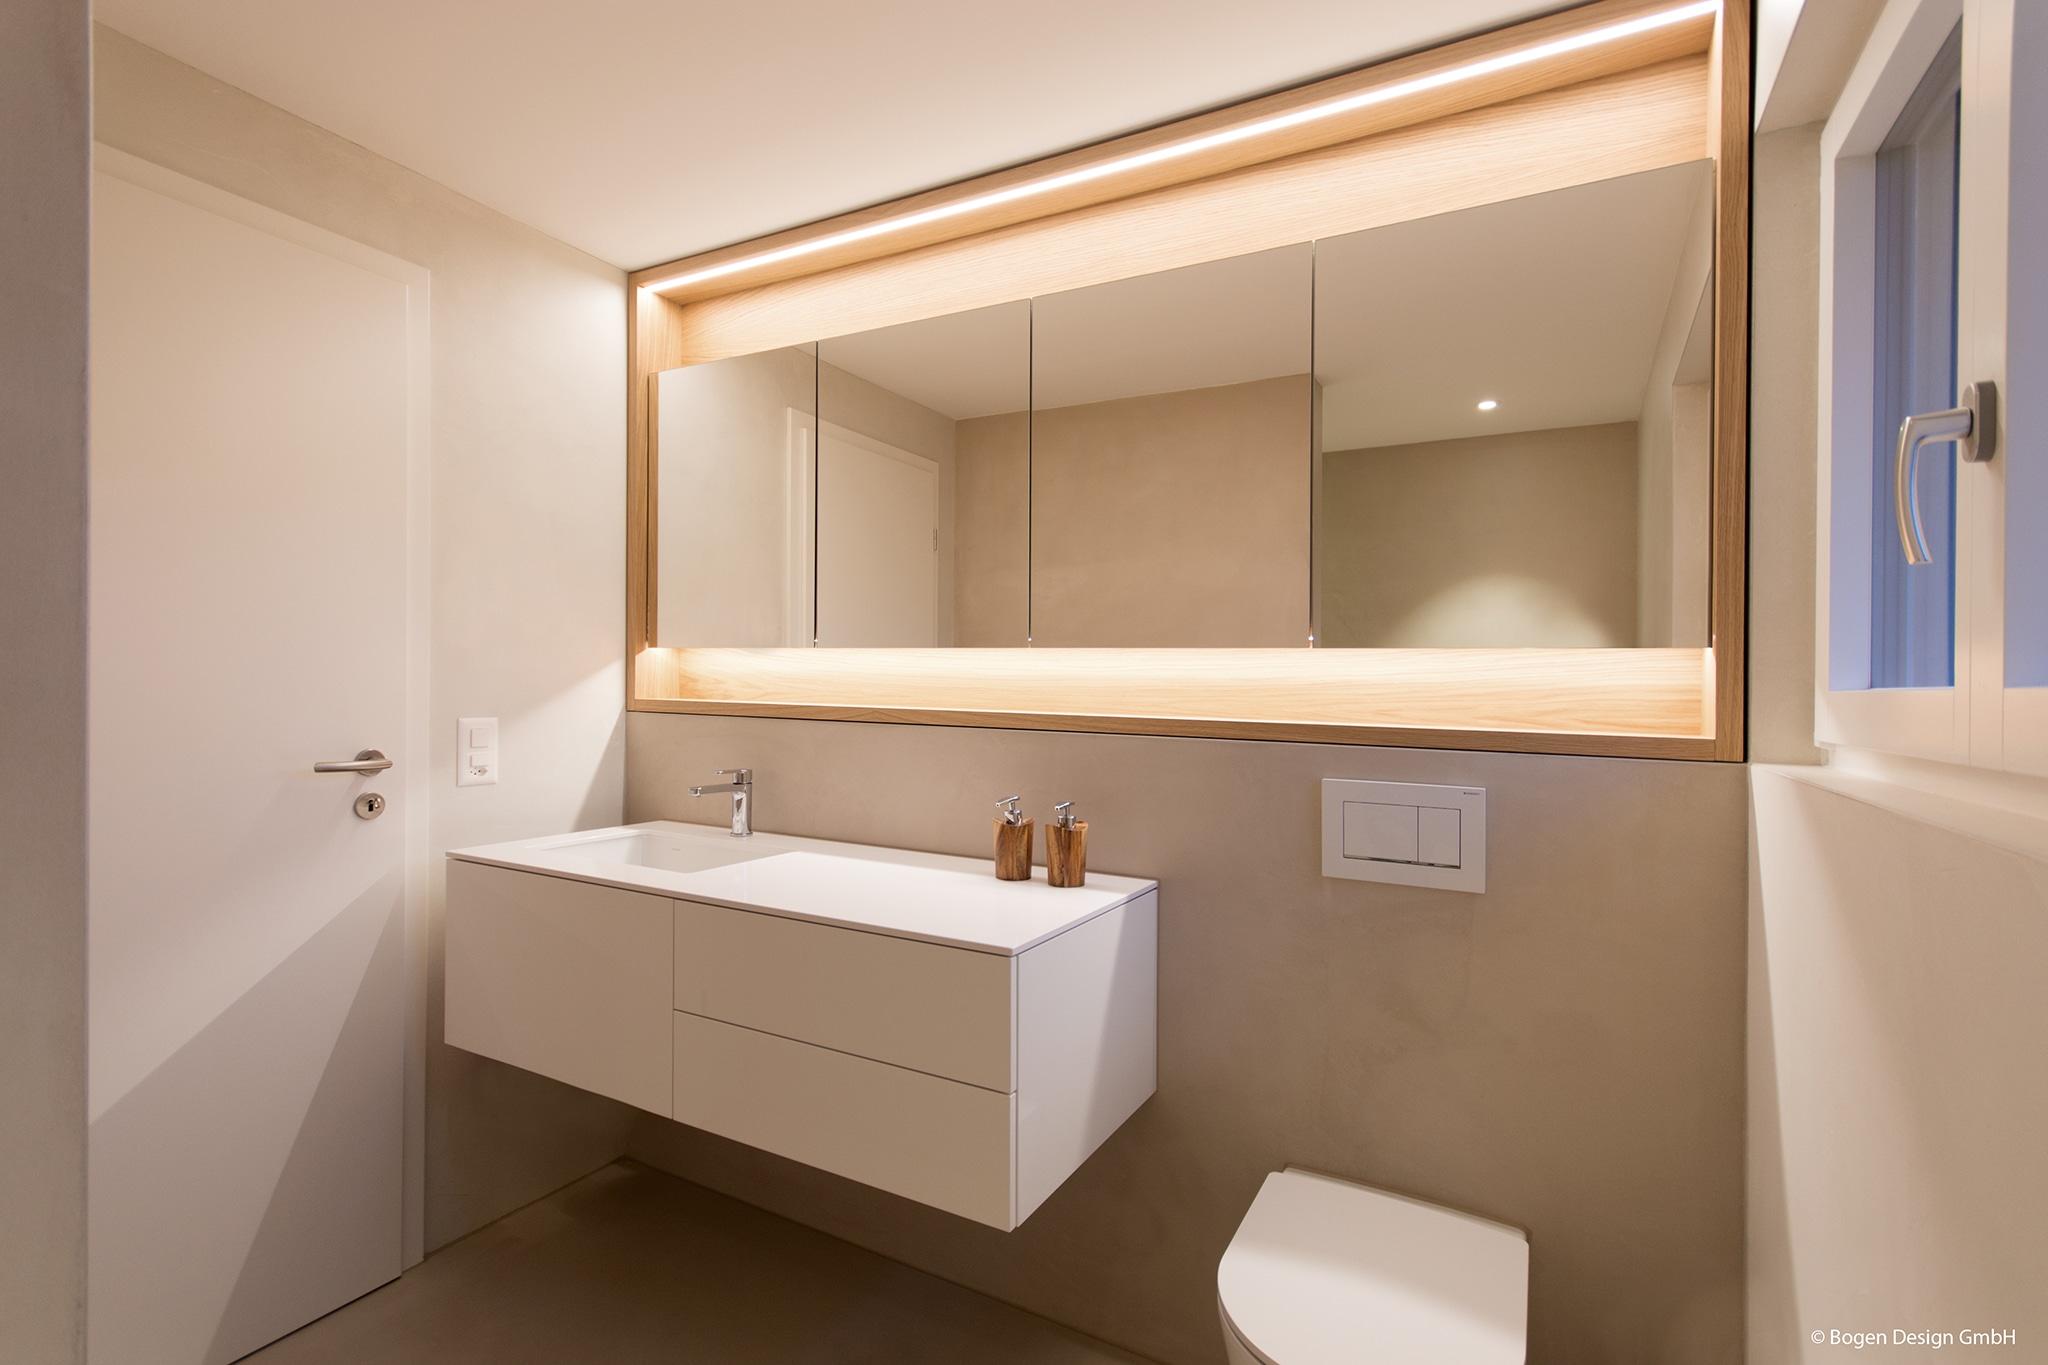 Badezimmer eines Einfamilienhauses in Fislisbach